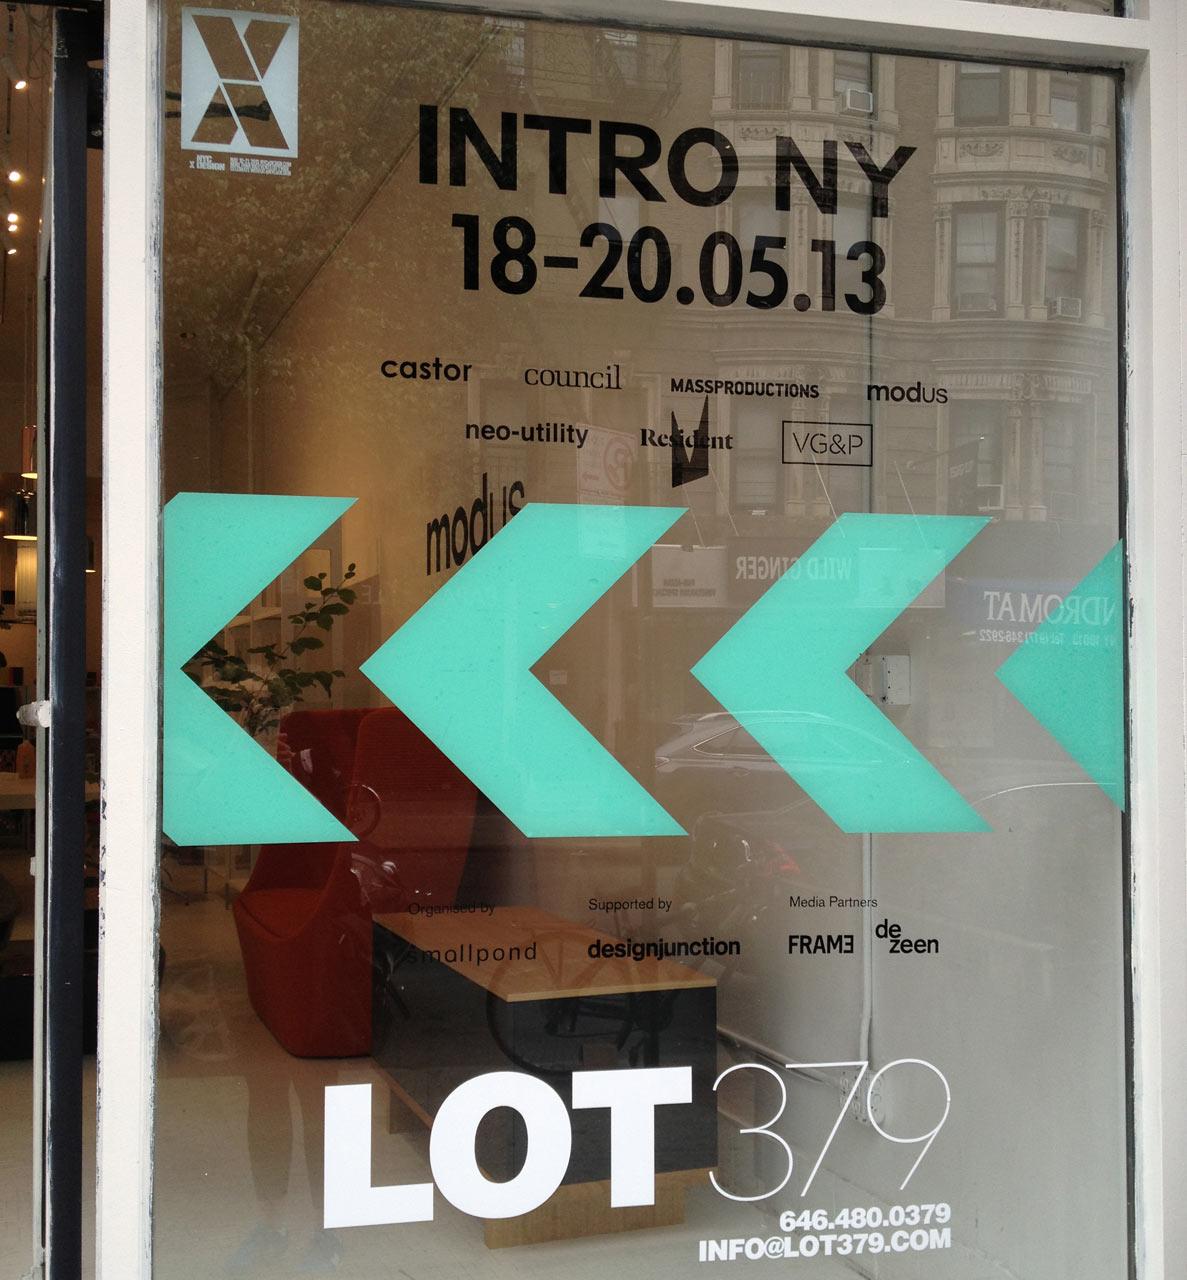 NYCxDesign 2013: INTRO NY